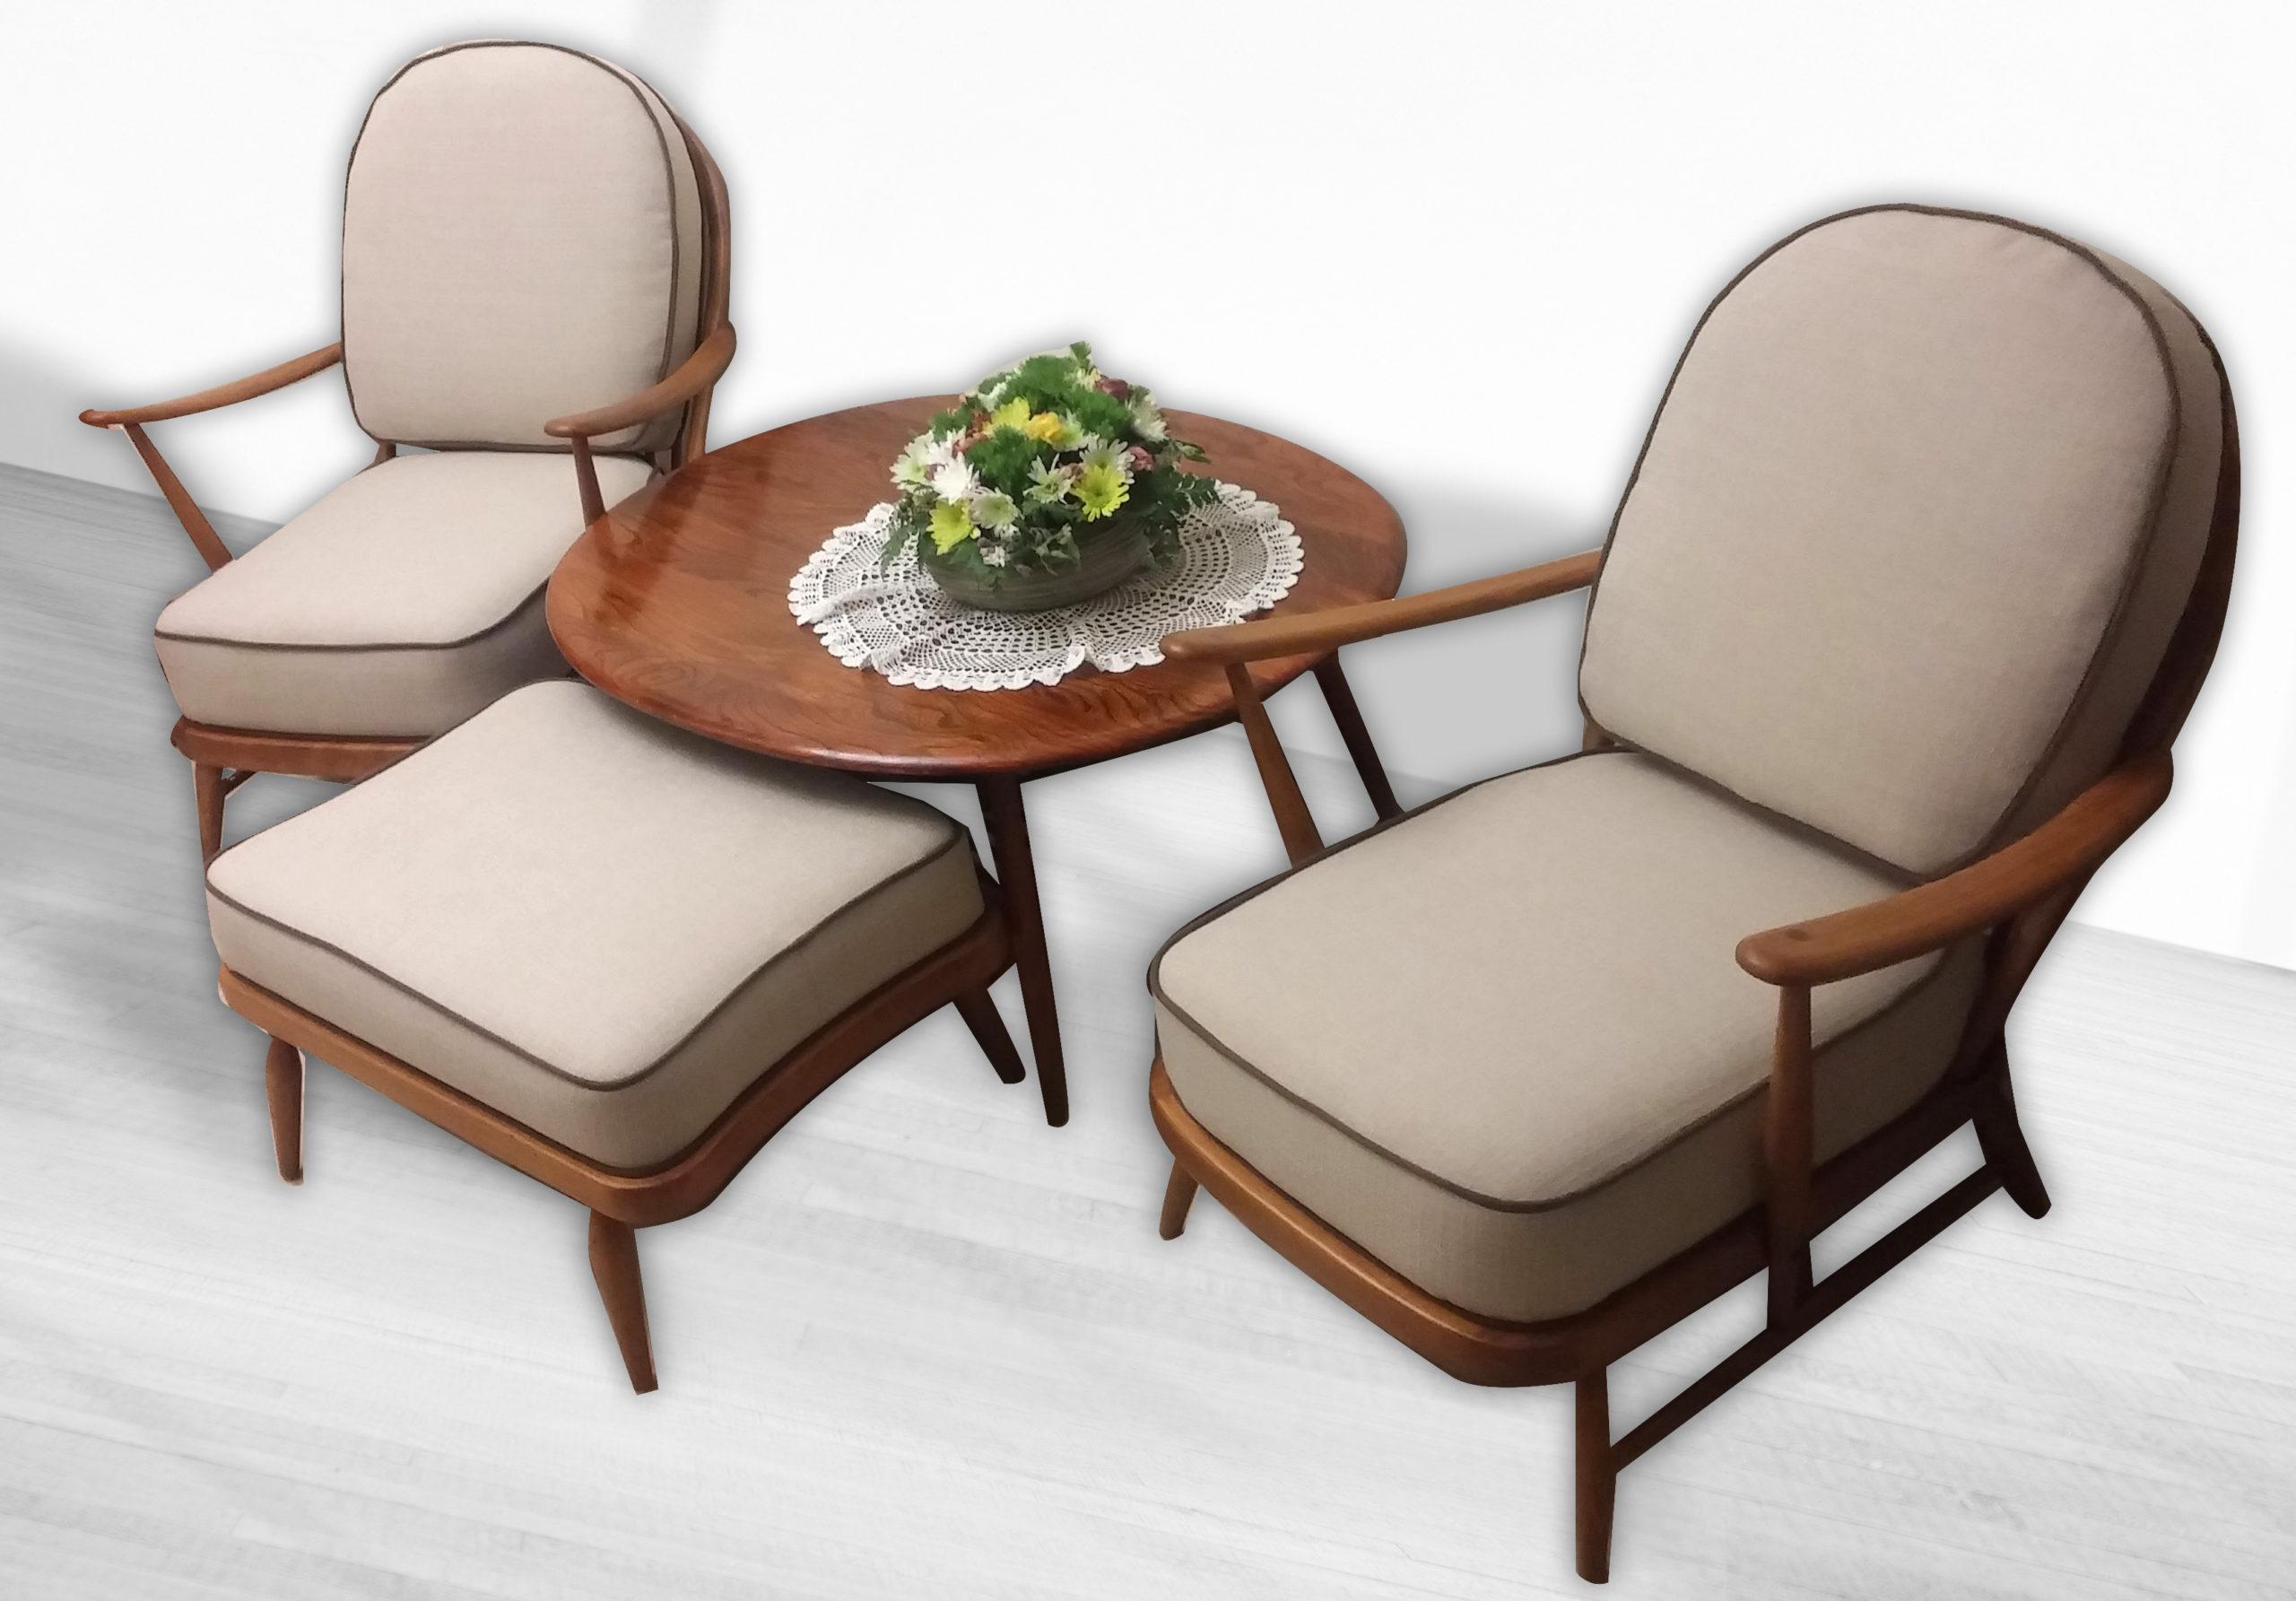 שיחזור רהיטים ריפוד רהיטים - ריפוד כורסא - כורסא בתהליך ריפוד ברסטורנו